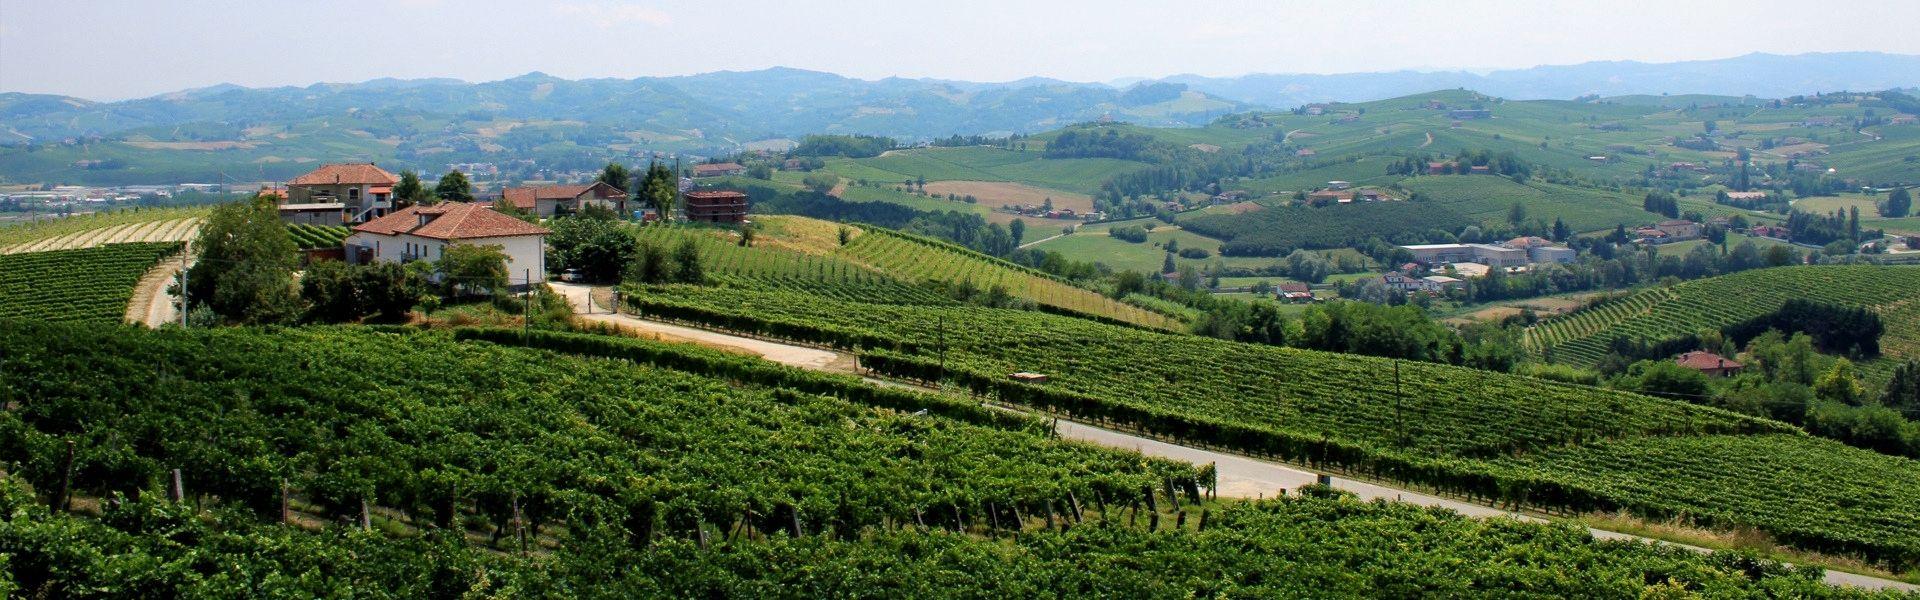 vigneti sulle colline del monferrato